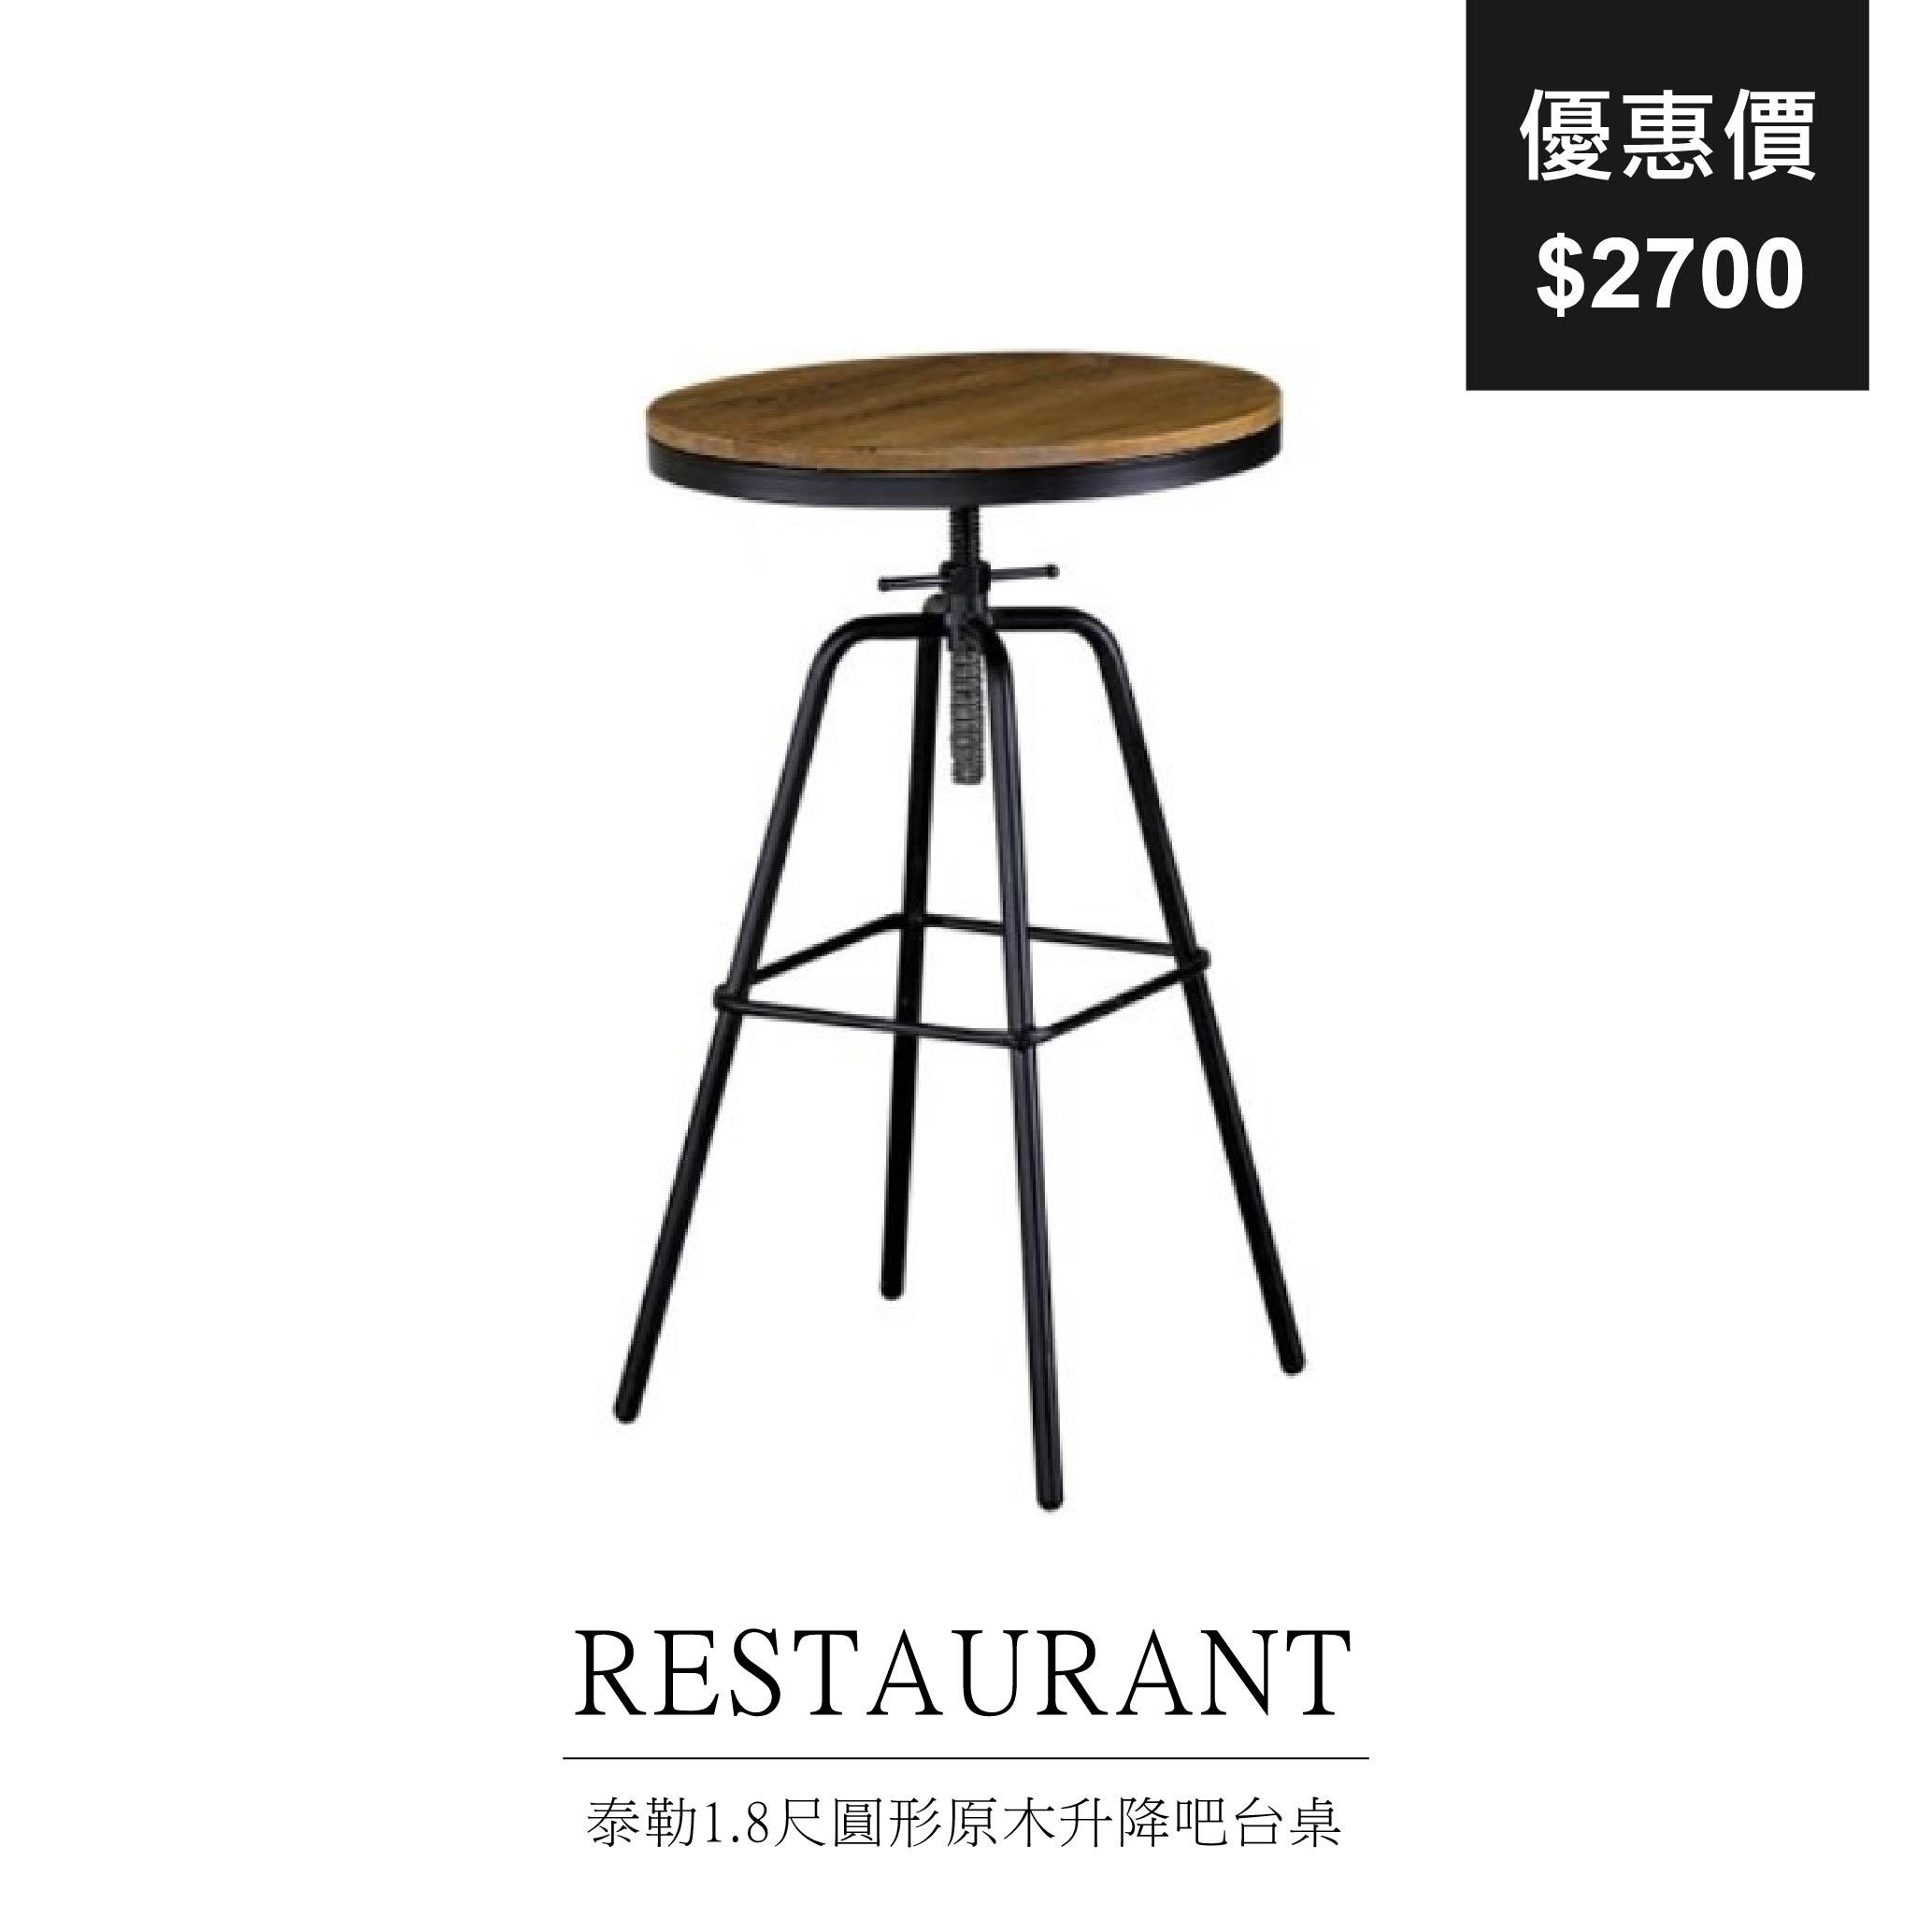 泰勒1.8尺圓形原木升降吧台桌